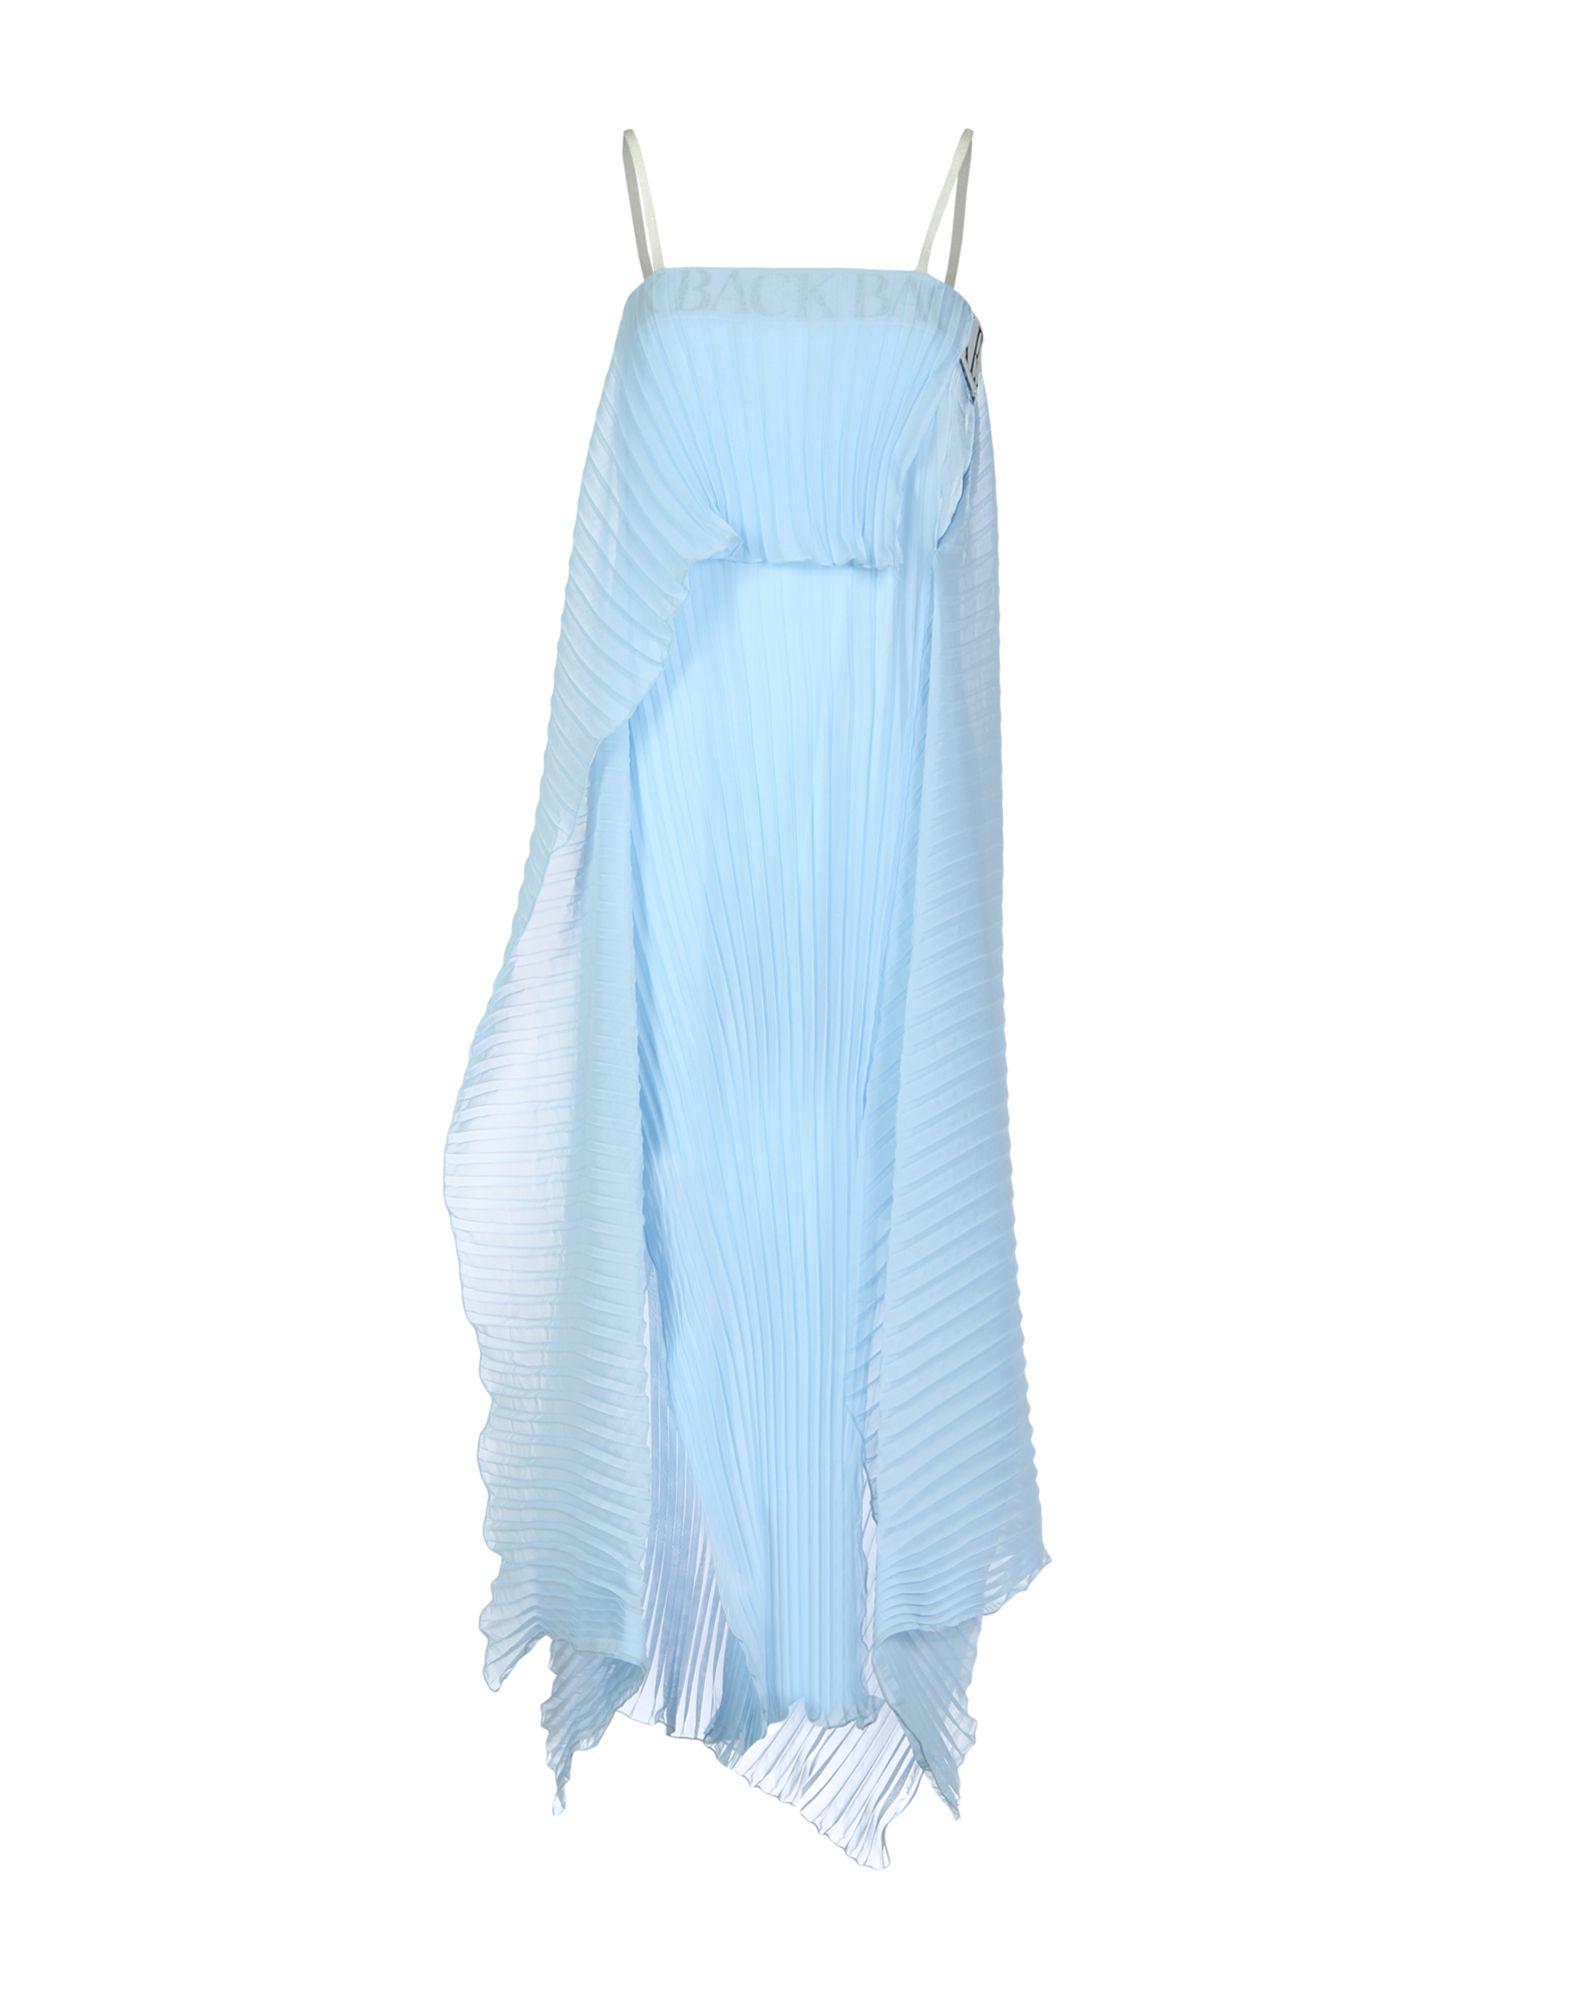 BACK 3/4 Length Dresses in Sky Blue